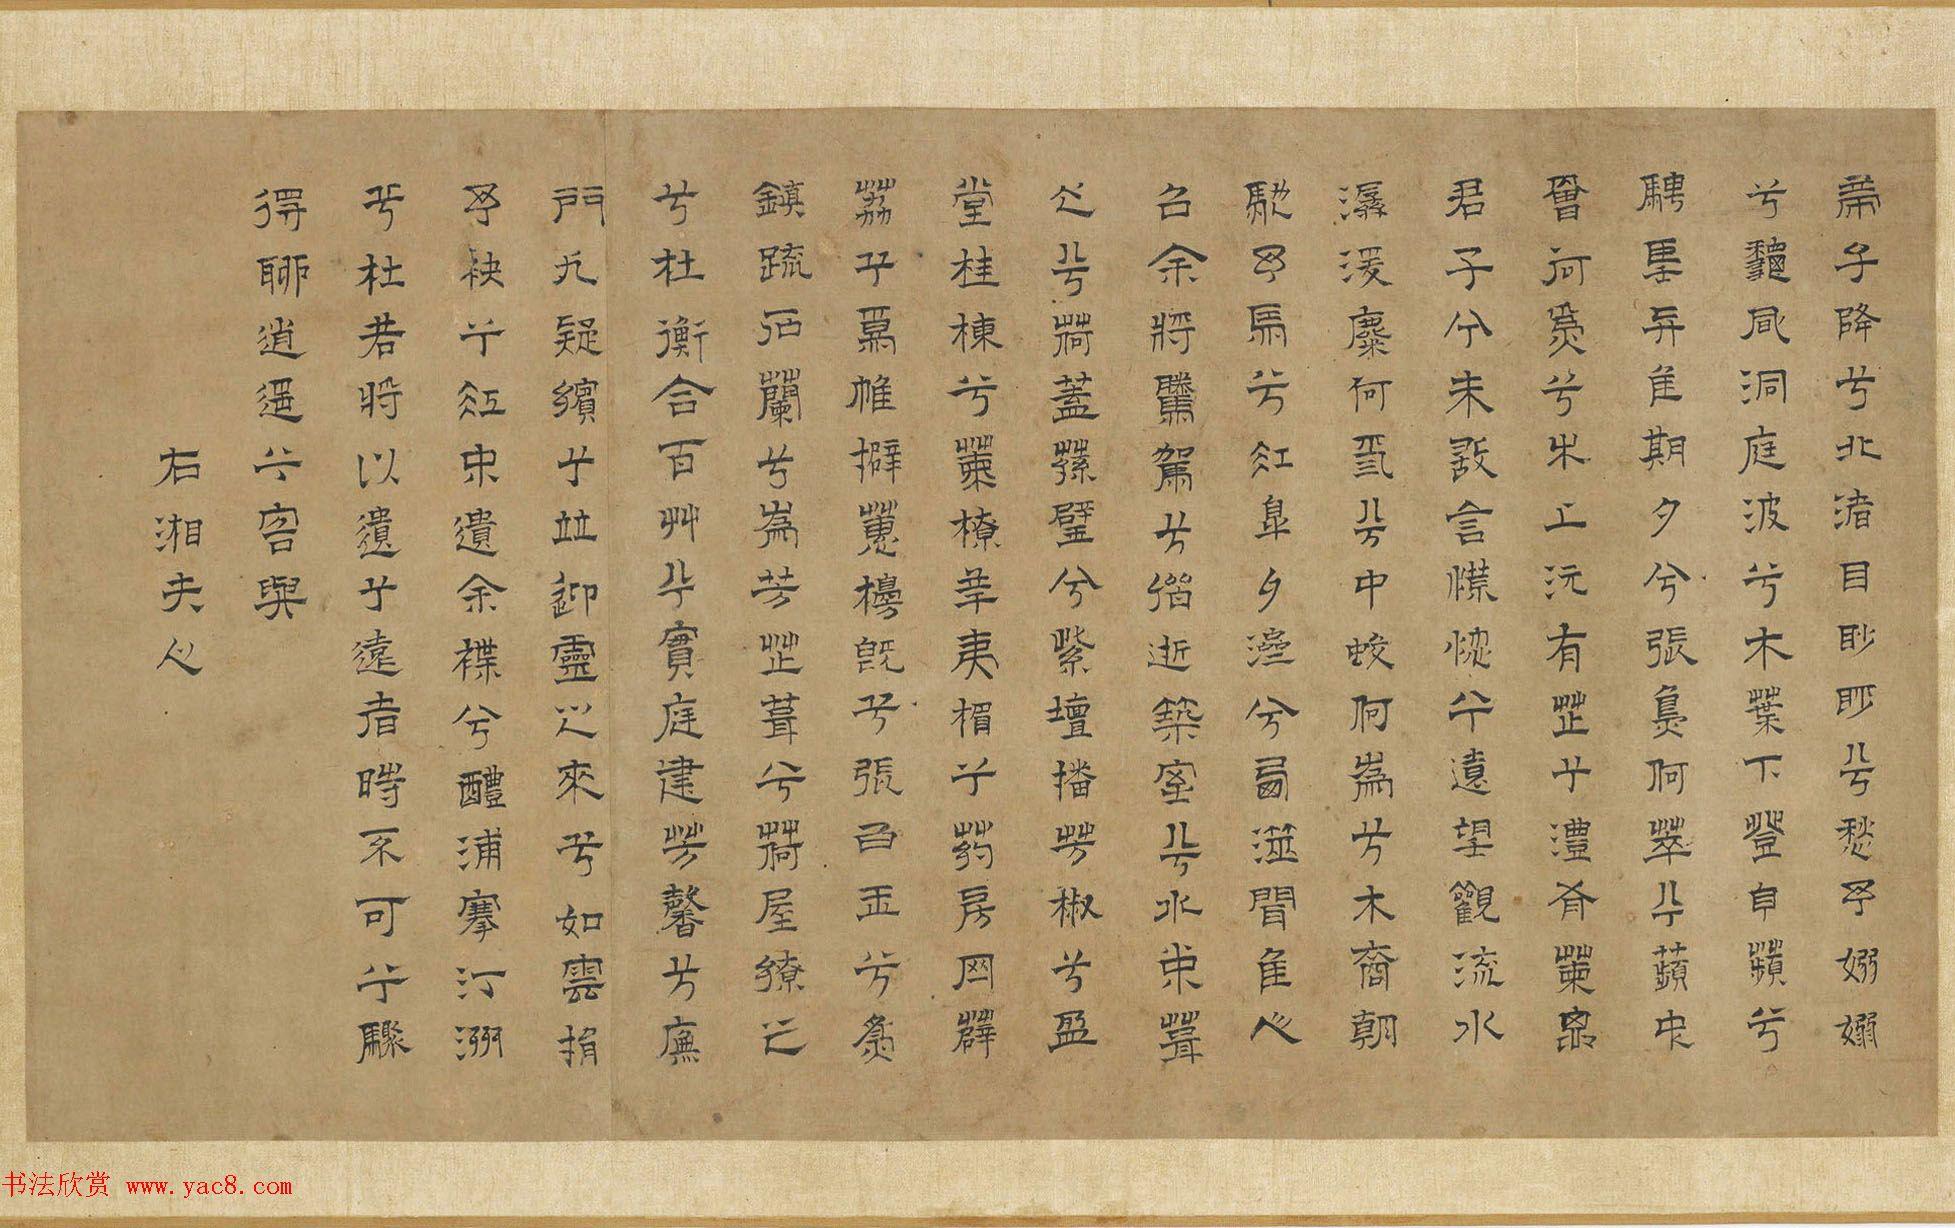 赵孟頫丹青欣赏《赵松雪九歌图》美国弗利尔美术馆藏